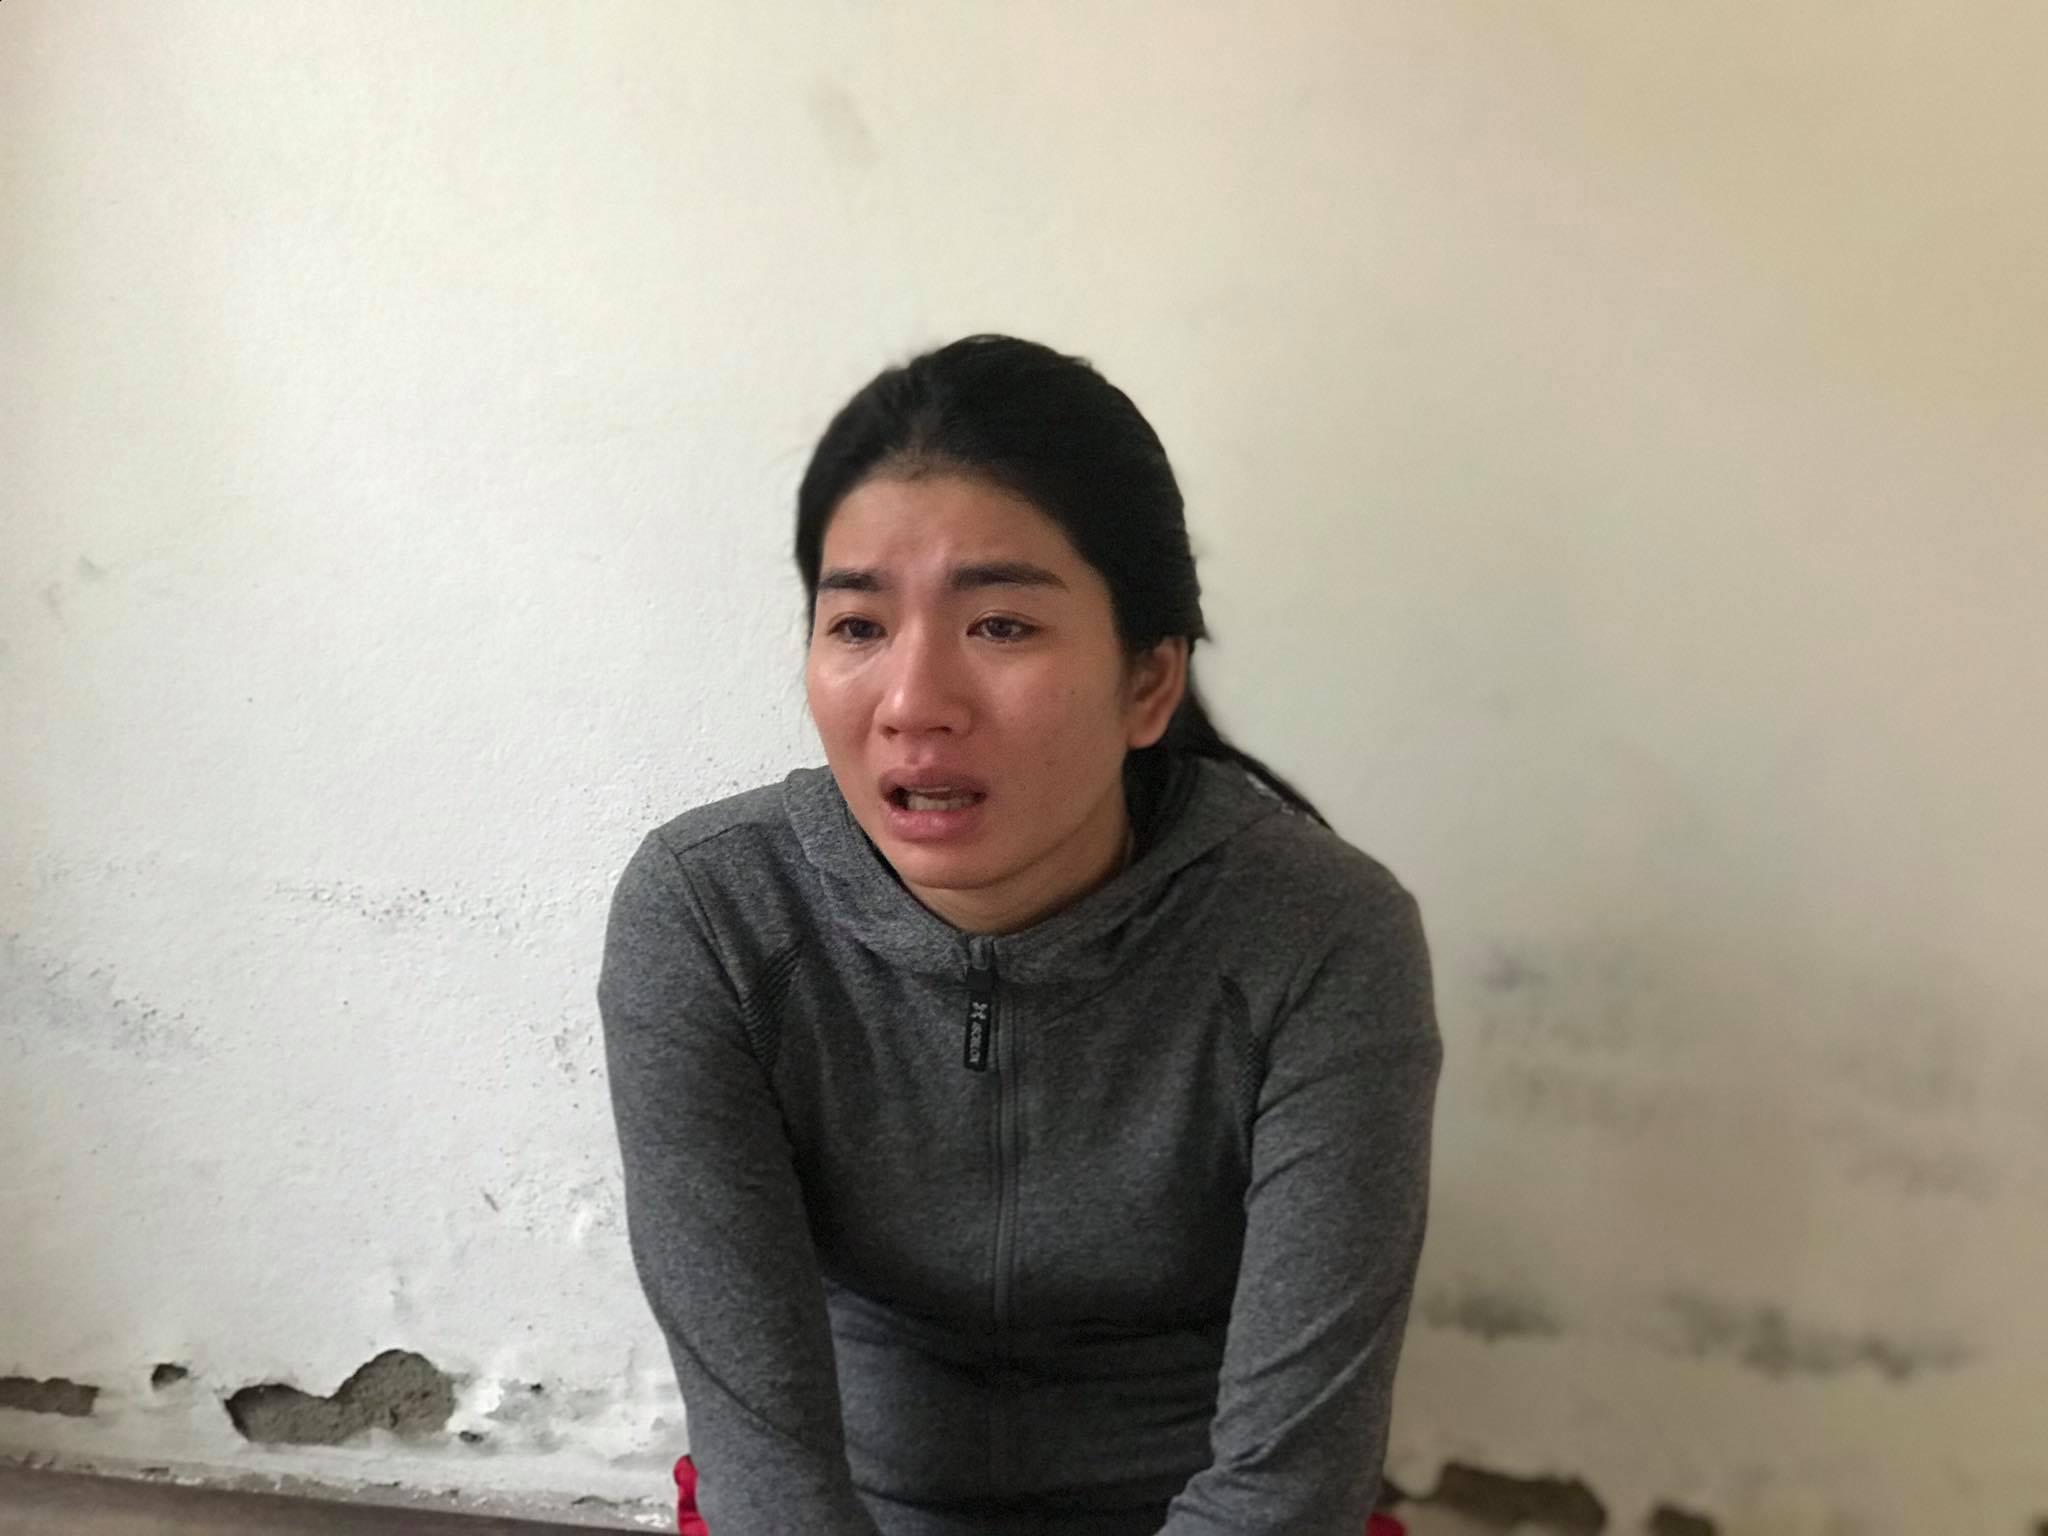 Nghẹn đắng tiếng khóc thét của đứa trẻ 2 tuổi khi mẹ tra tay vào còng - Ảnh 2